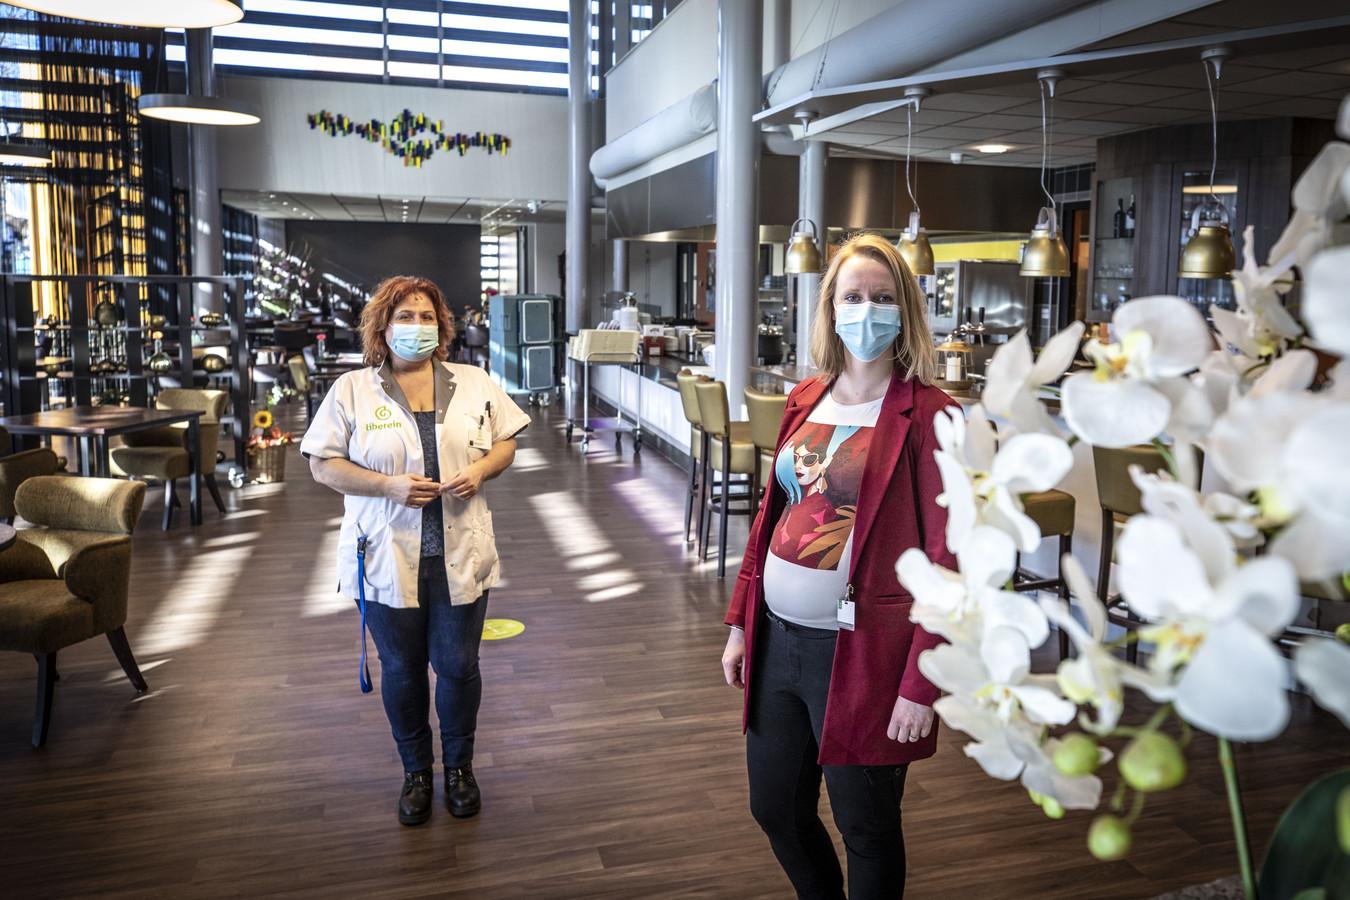 """Teamleider Stephanie Huttenhuis (r) en een verpleegkundig Christel Wiehink in het restaurant dat straks weer open mag. """"Het blijft oppassen, we kunnen geen  feestje stimuleren vanwege gunstige berichten""""."""